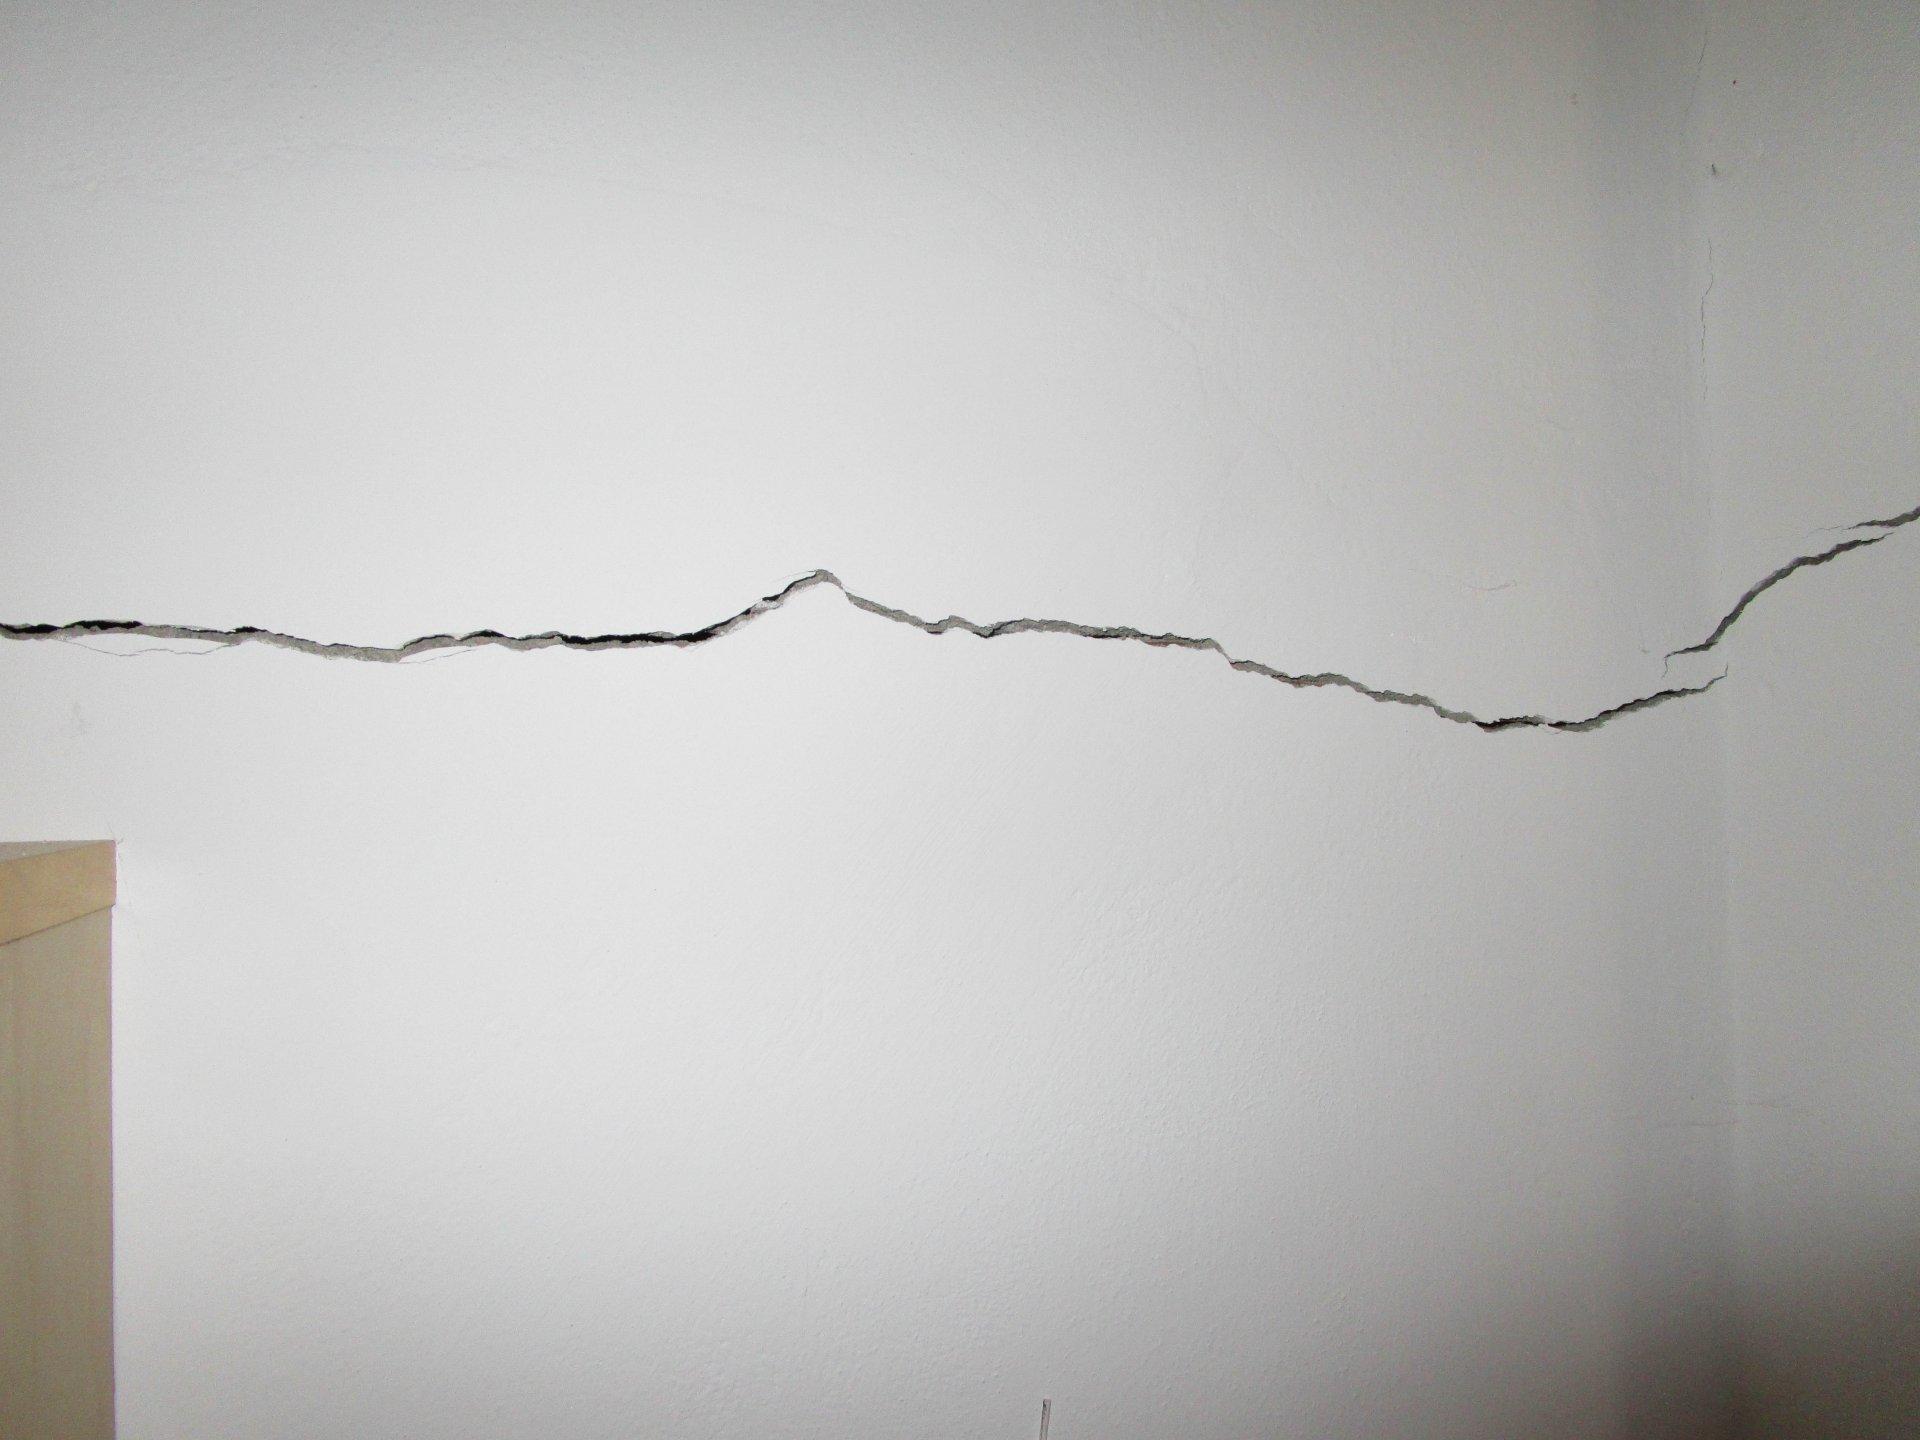 crepe orizzontali alle pareti